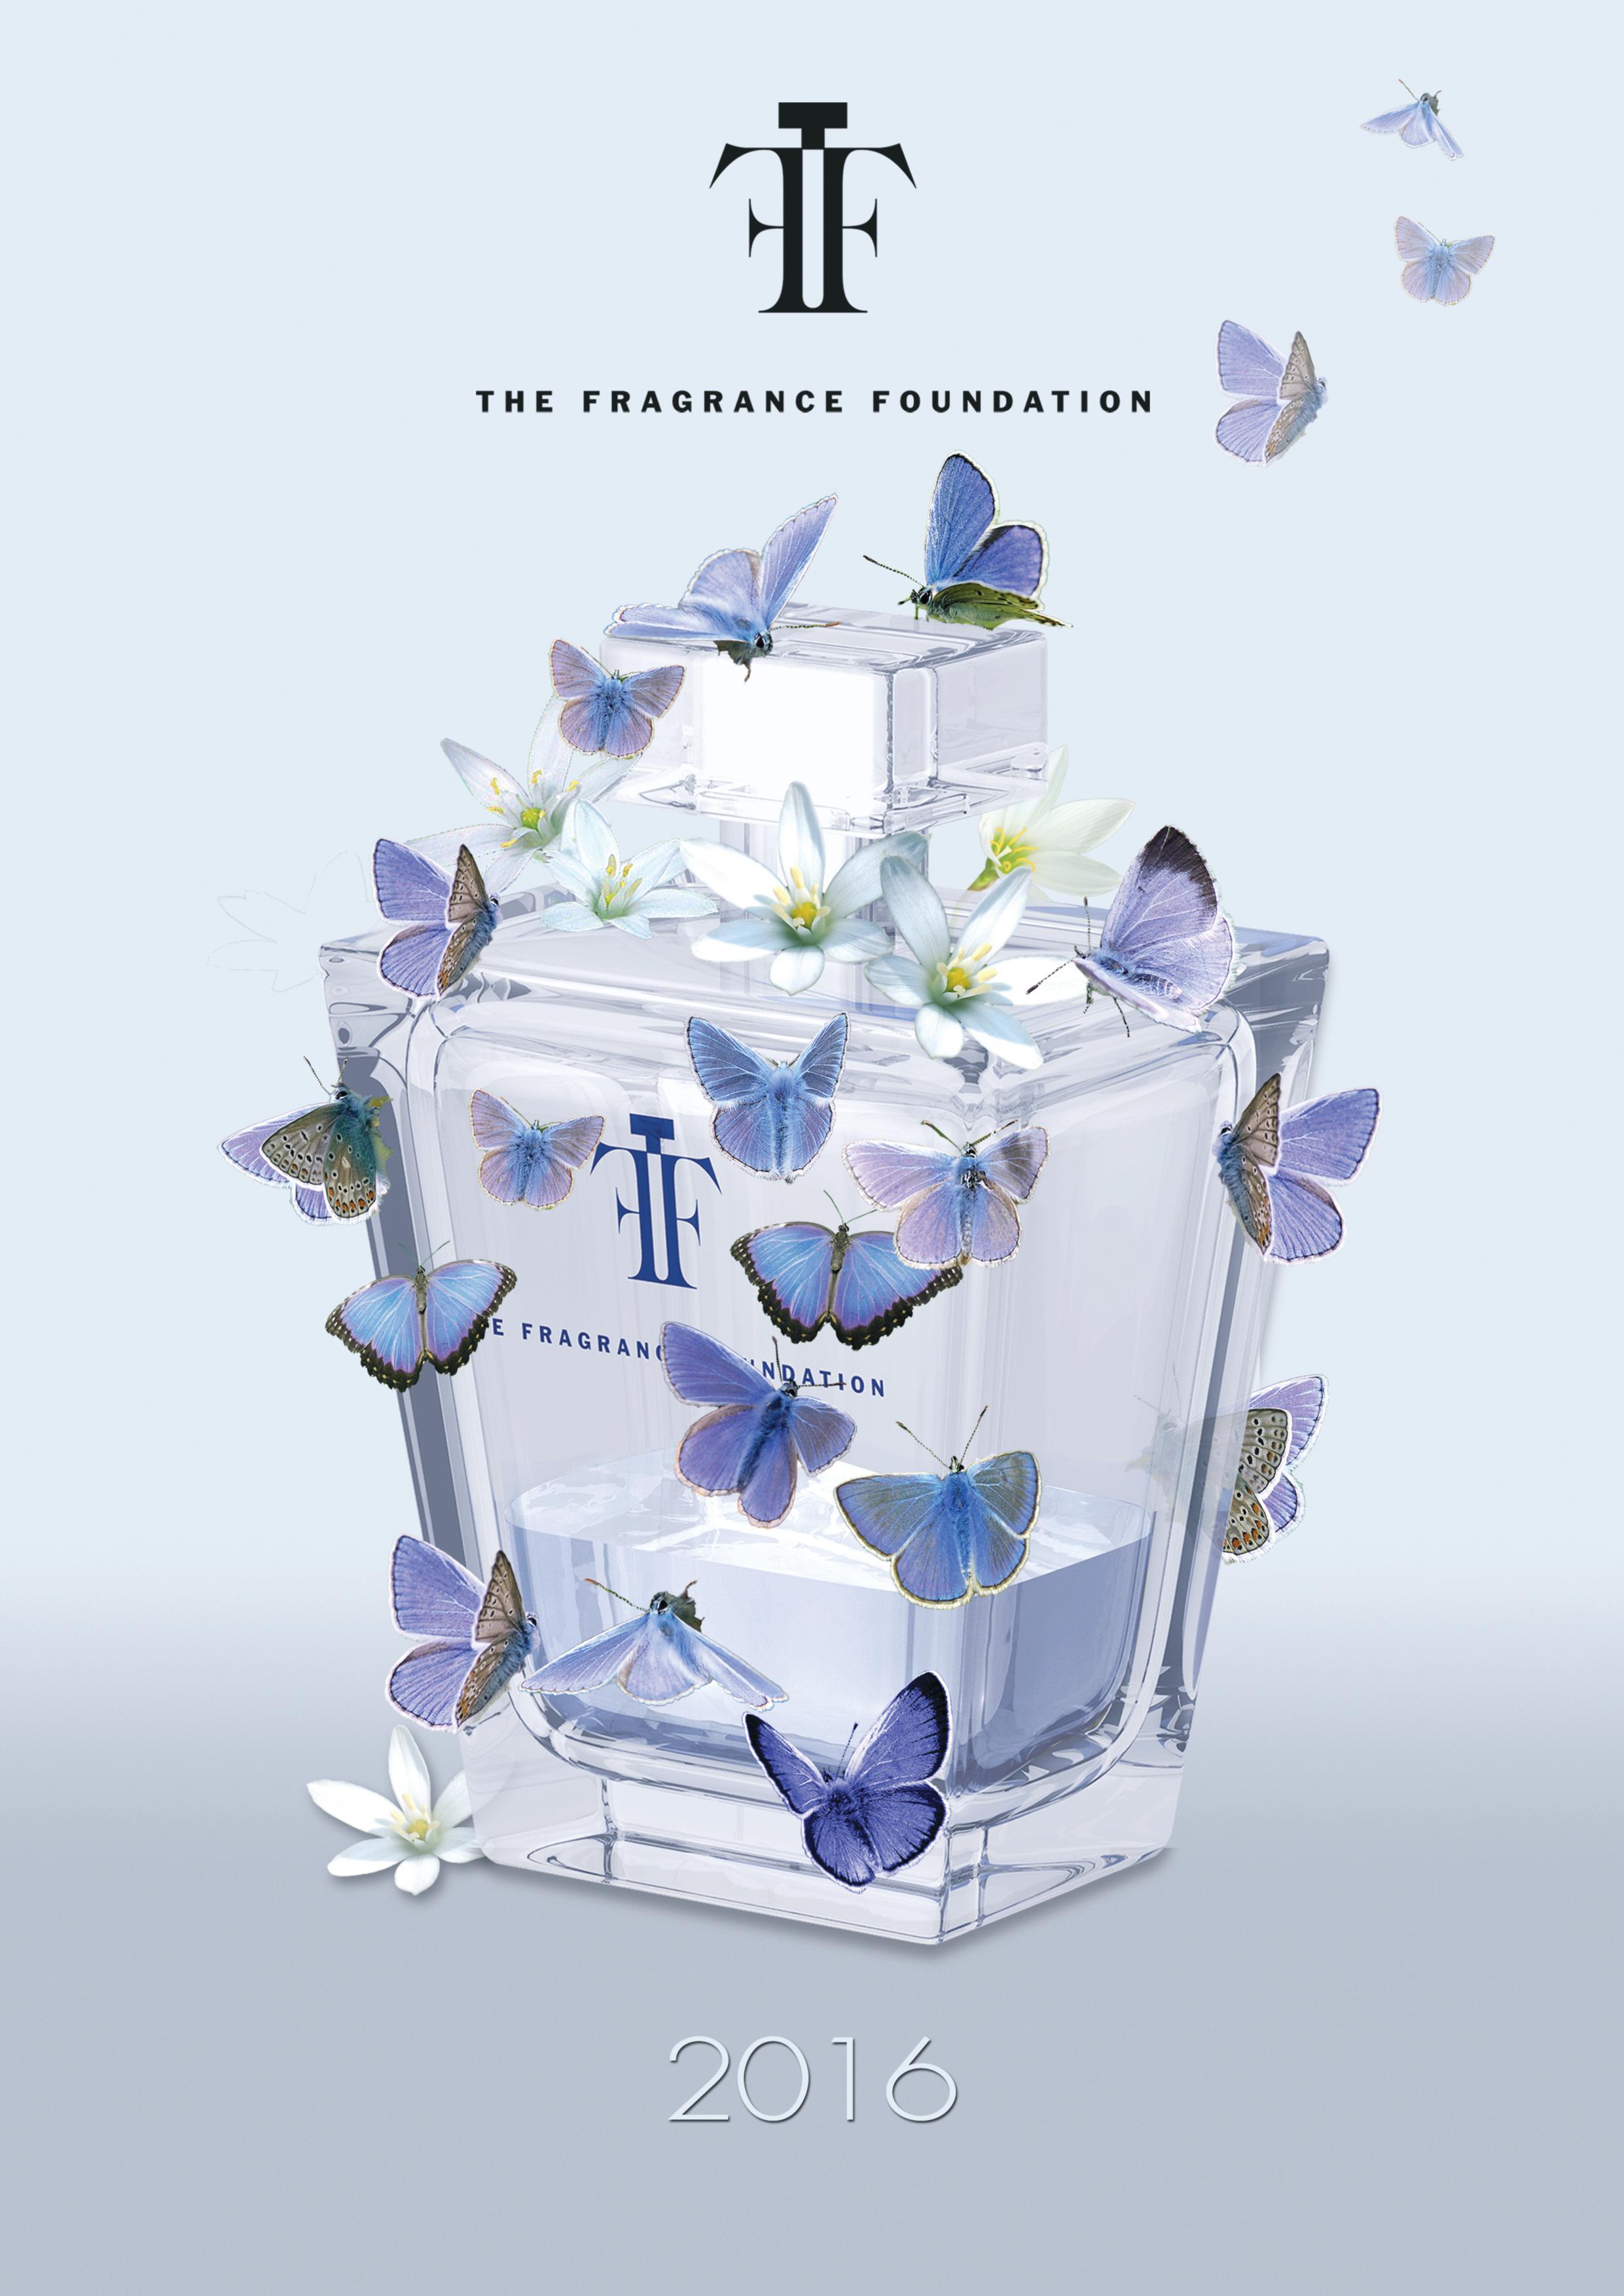 The Fragrance Foundation UK – Fragrance Foundation Awards